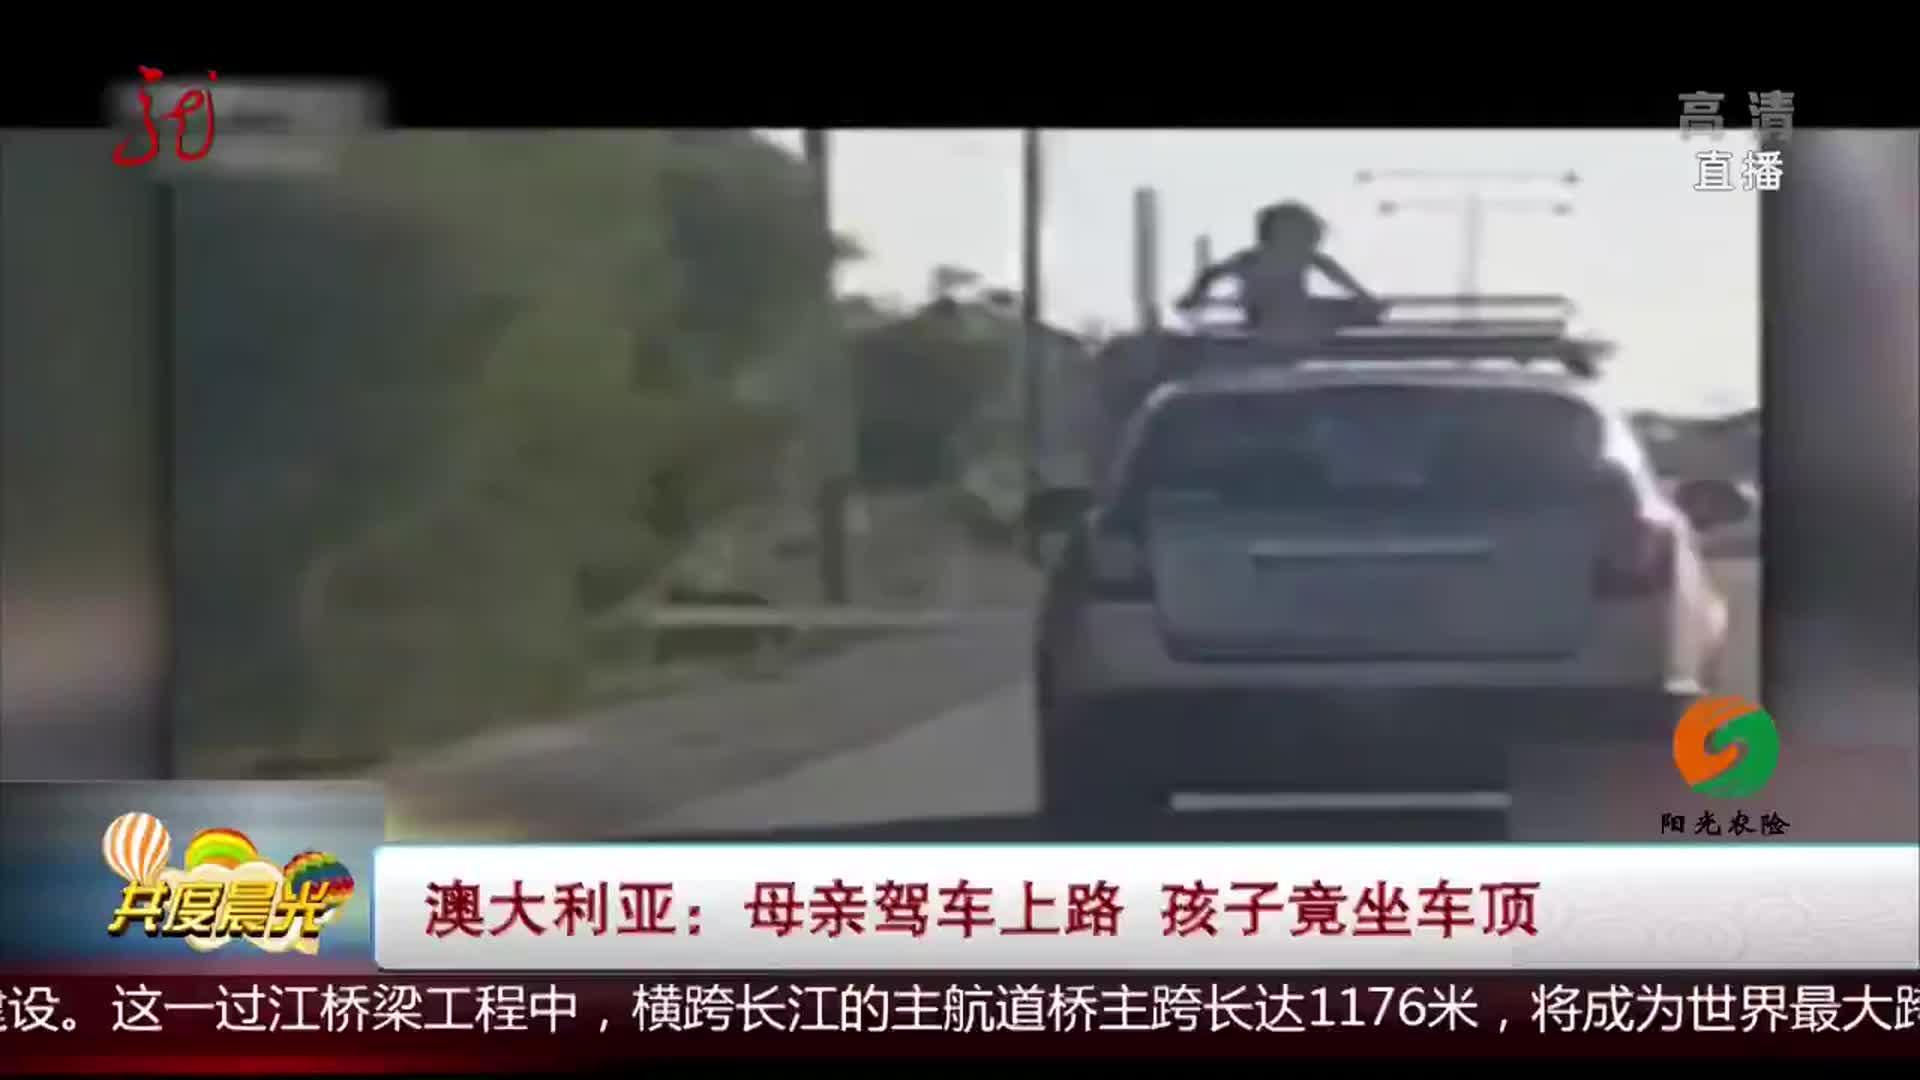 母亲驾车上路 孩子竟坐车顶